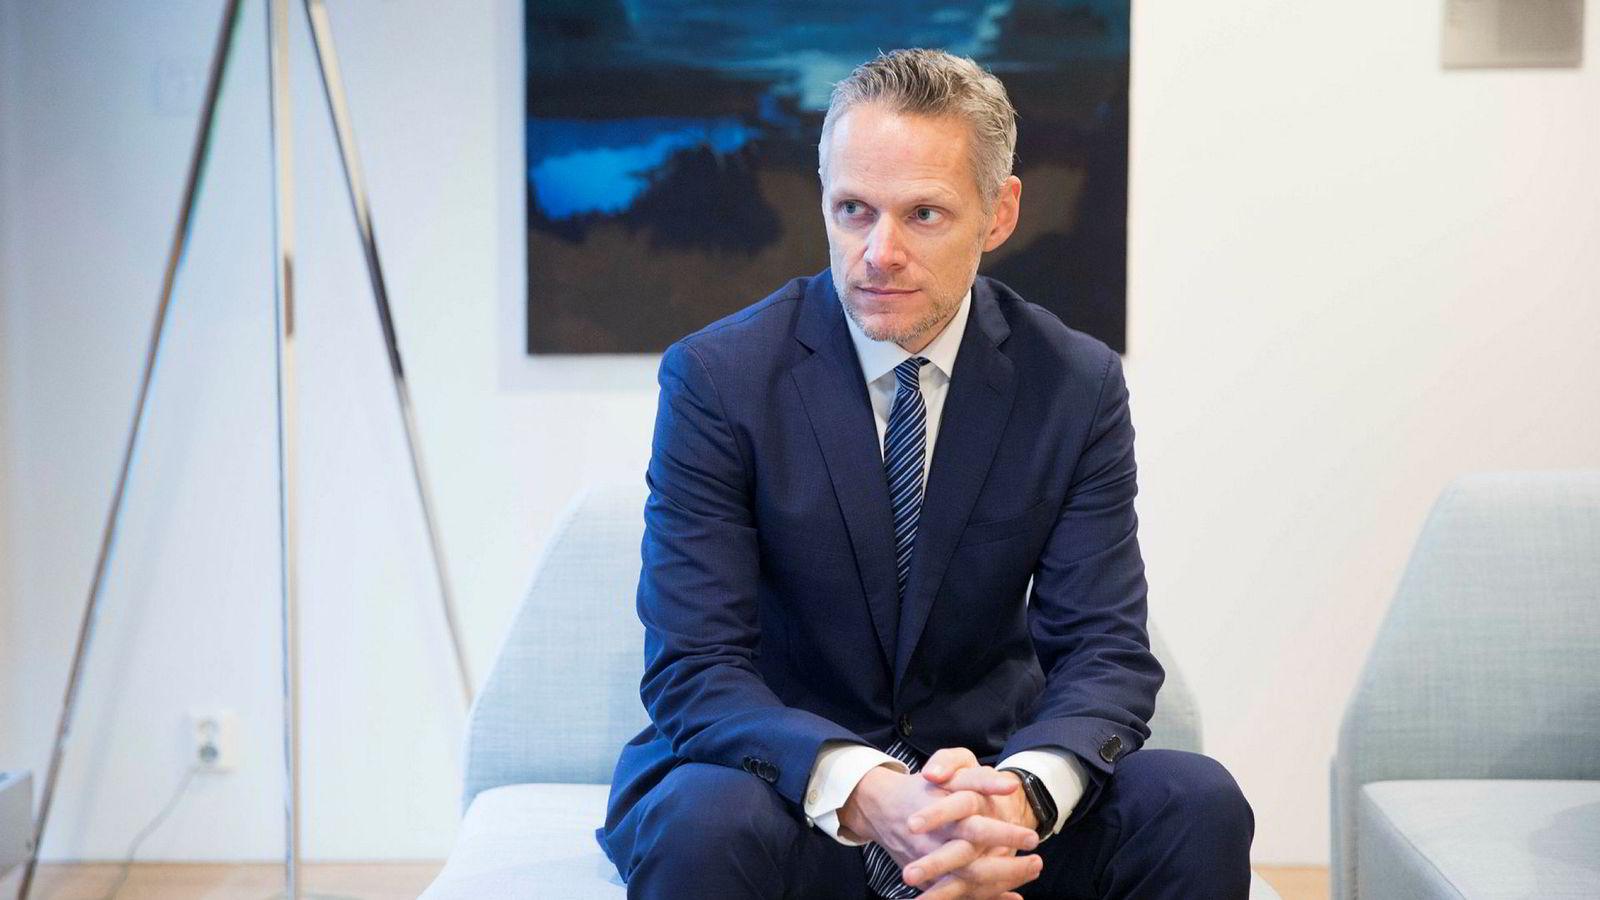 Sjefstrateg i Danske Bank, Christian Lie, har spådd urolige tider i markedet. Han har ikke endret mening etter Trumps twittermeldinger.